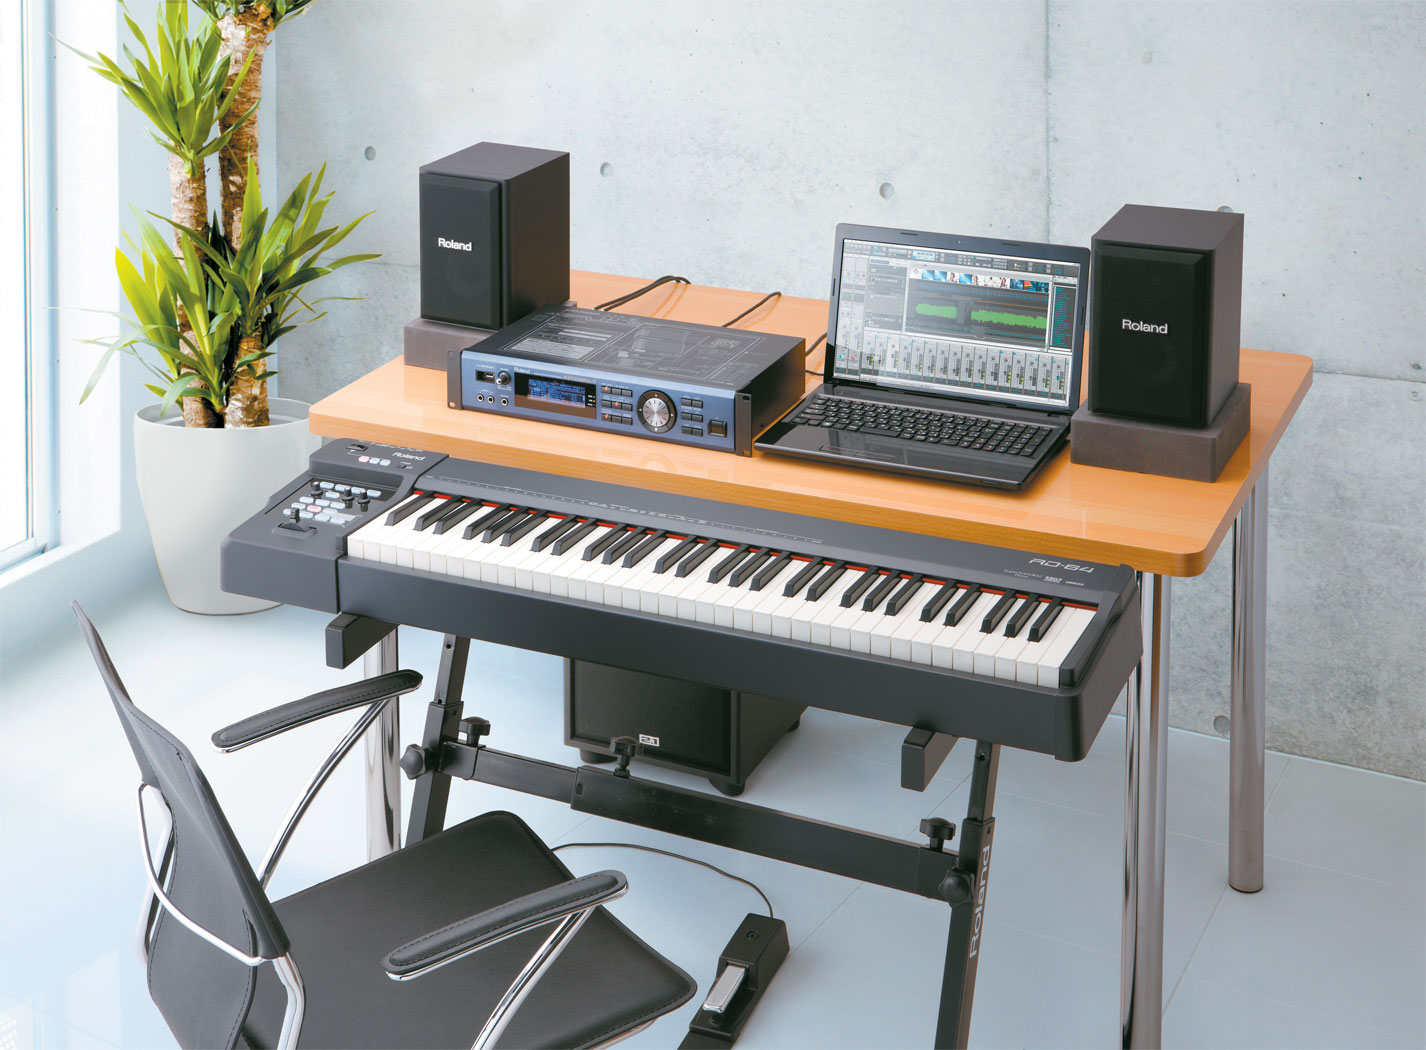 rd 64 desk gal - Roland Rd-64 Digital Piano